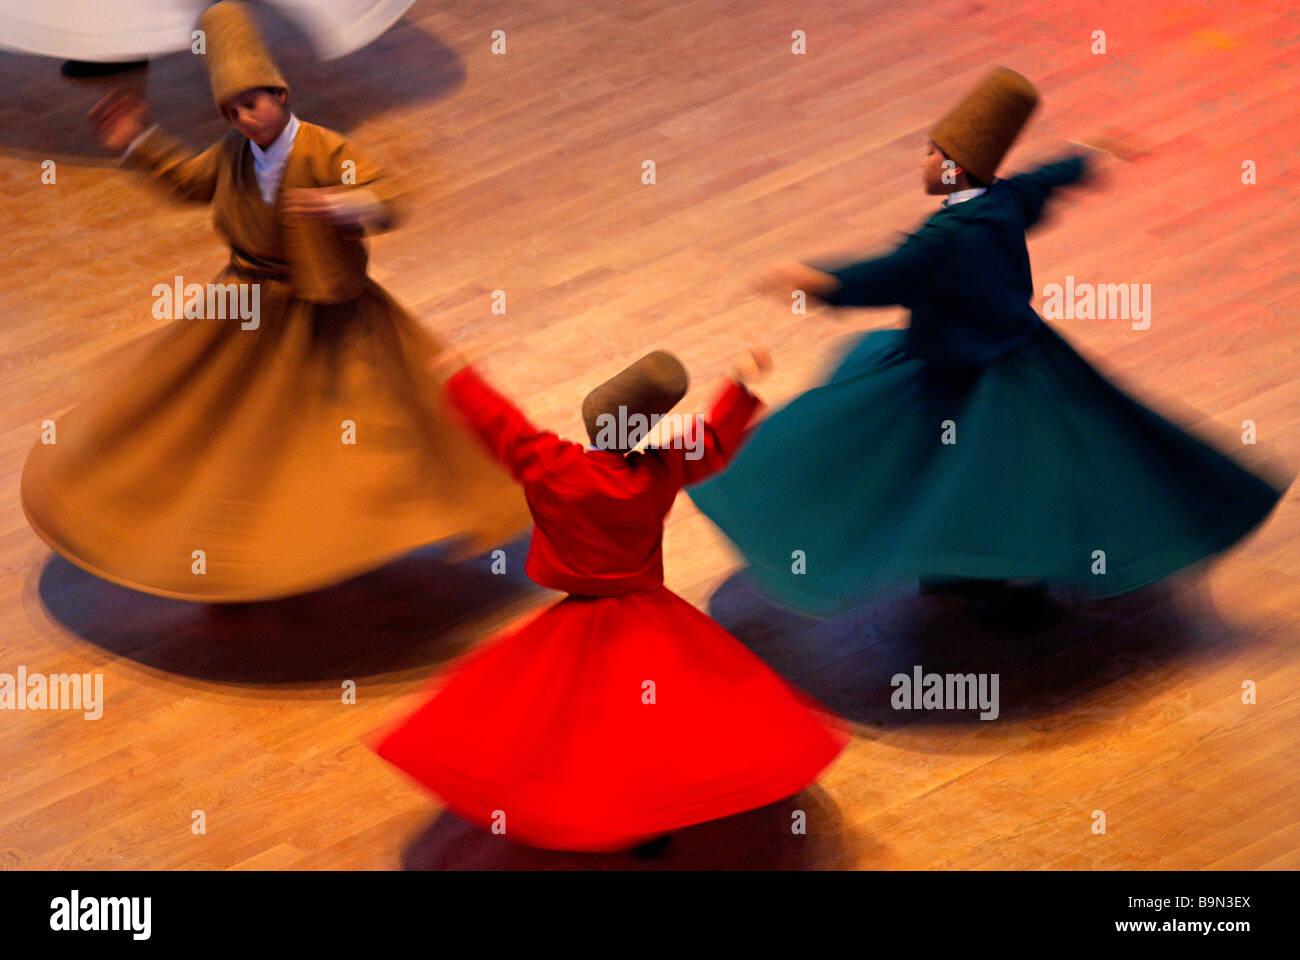 La Turquie, l'Anatolie Centrale, Konya, Sema ou sama danse est connu des Européens comme la danse des derviches tourneurs soufis ou Banque D'Images